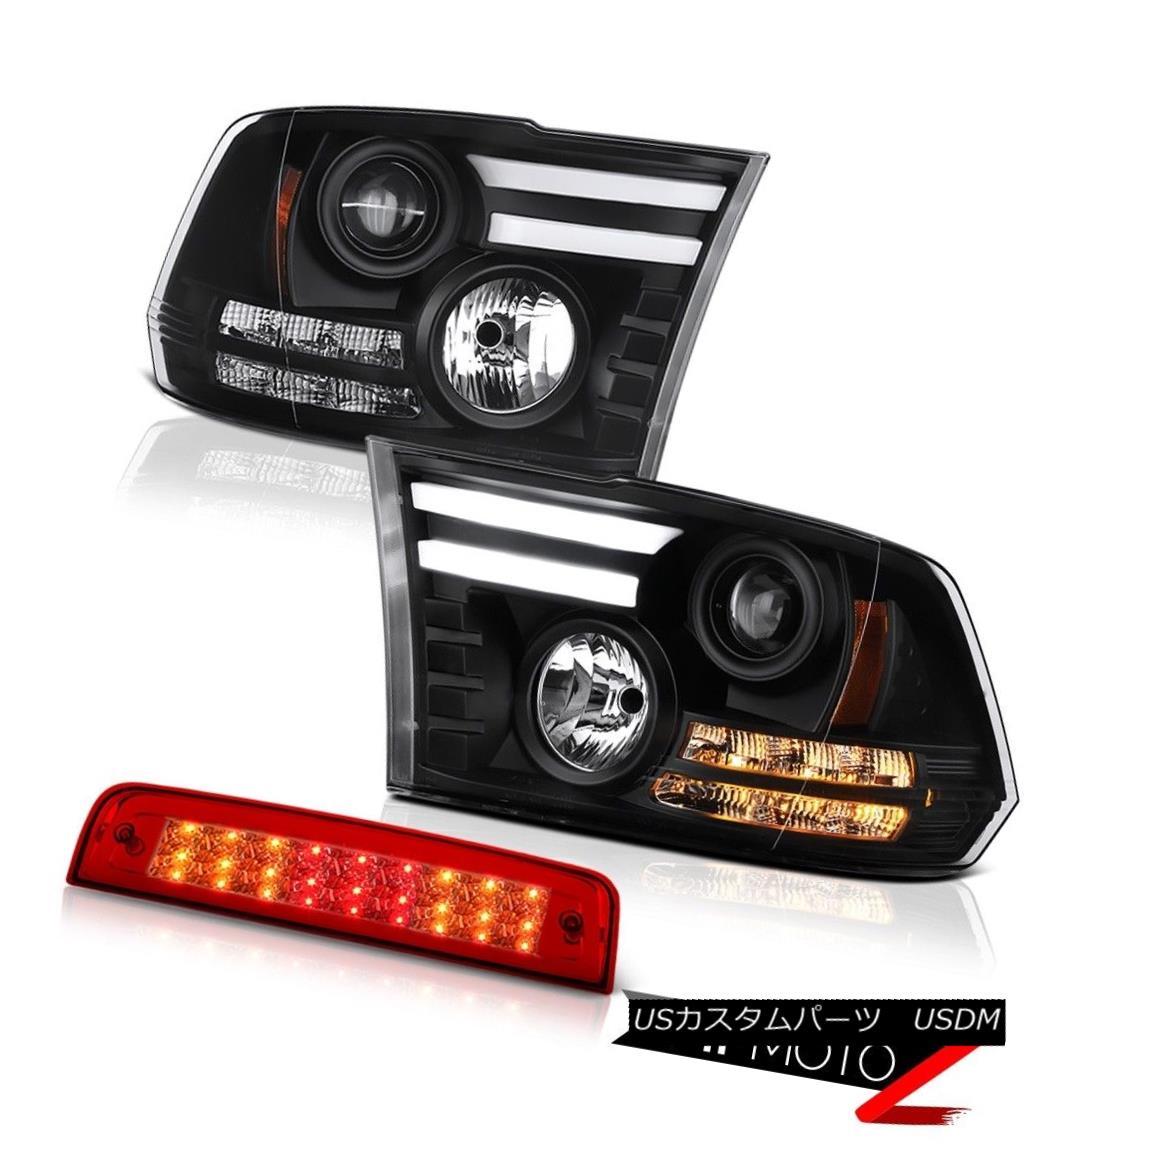 テールライト 2010-2018 Ram 3500 5.7L 3RD Brake Lamp Black Headlights Neon Tube Tron Tube Cool 2010-2018 Ram 3500 5.7L 3RDブレーキランプブラックヘッドライトネオンチューブトロンチューブクール